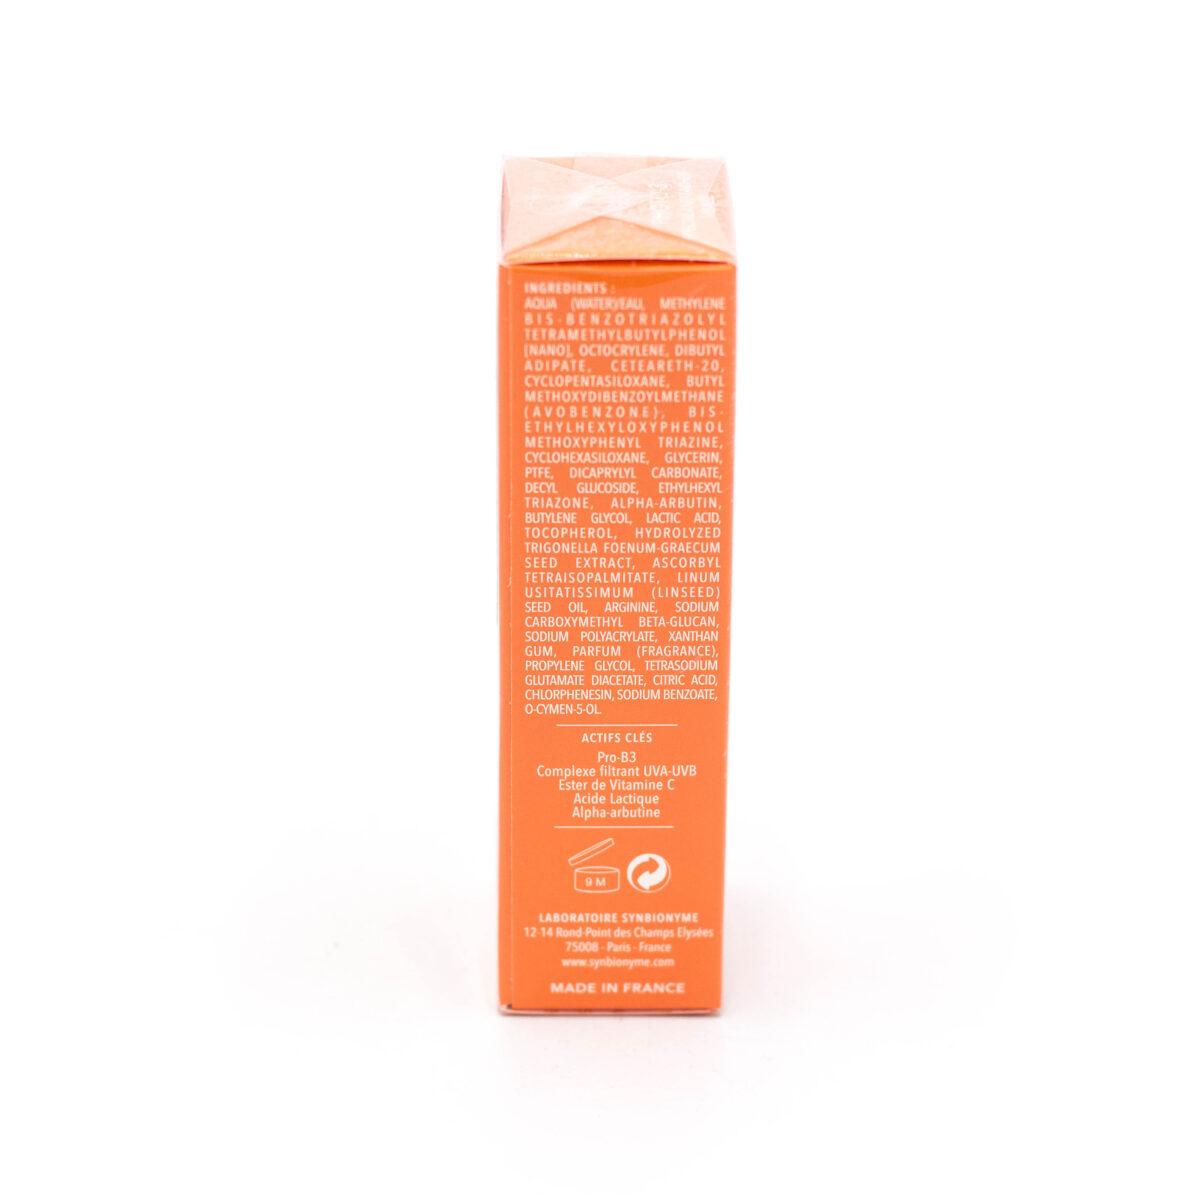 ضد آفتاب بی رنگ فتو ۳ مناسب پوست حساس SPF50 سین بیونیم ۴۰ میلی لیتری